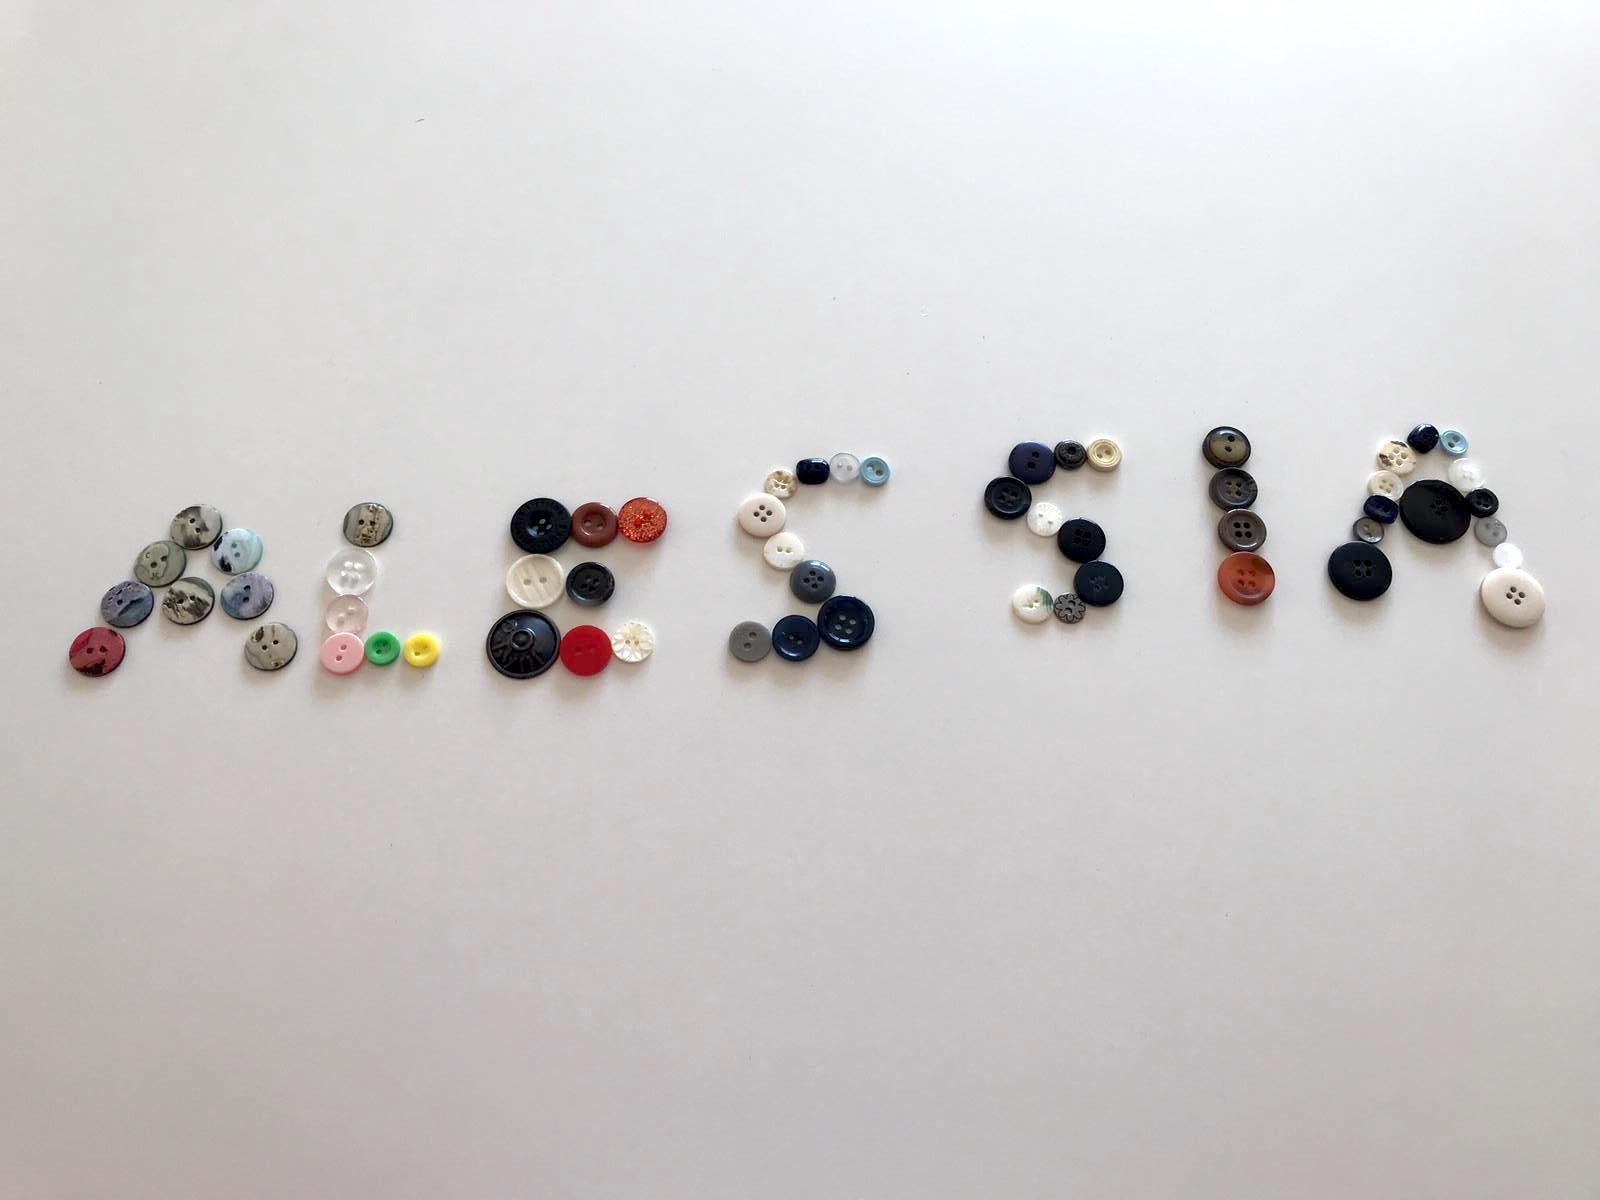 Il mio nome con i bottoni (Alessia)